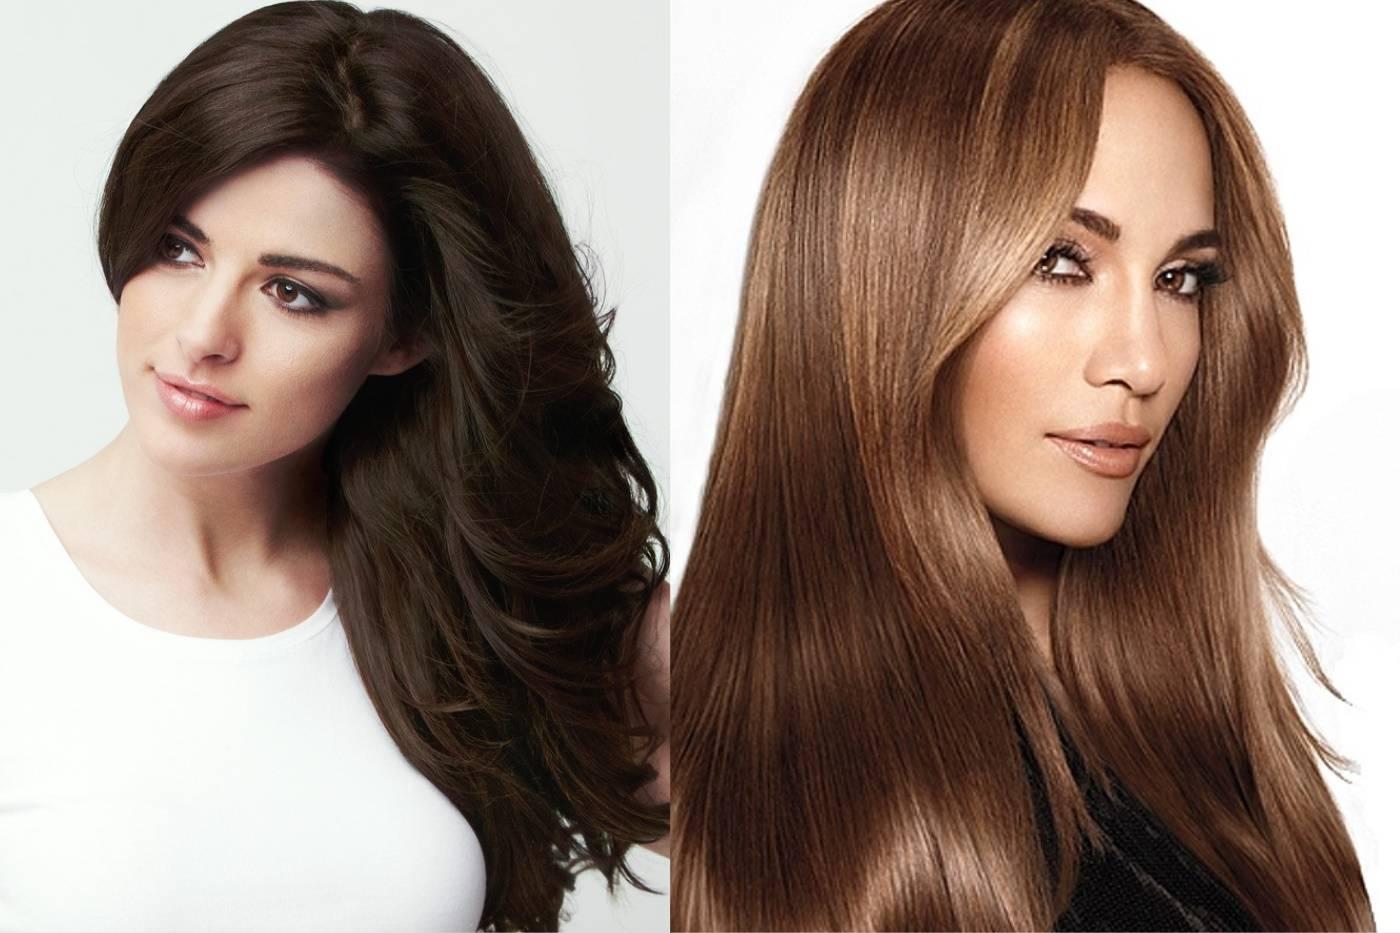 Холодный коричневый цвет волос. фото, краски, как получить с растяжкой, мелированием, без рыжины